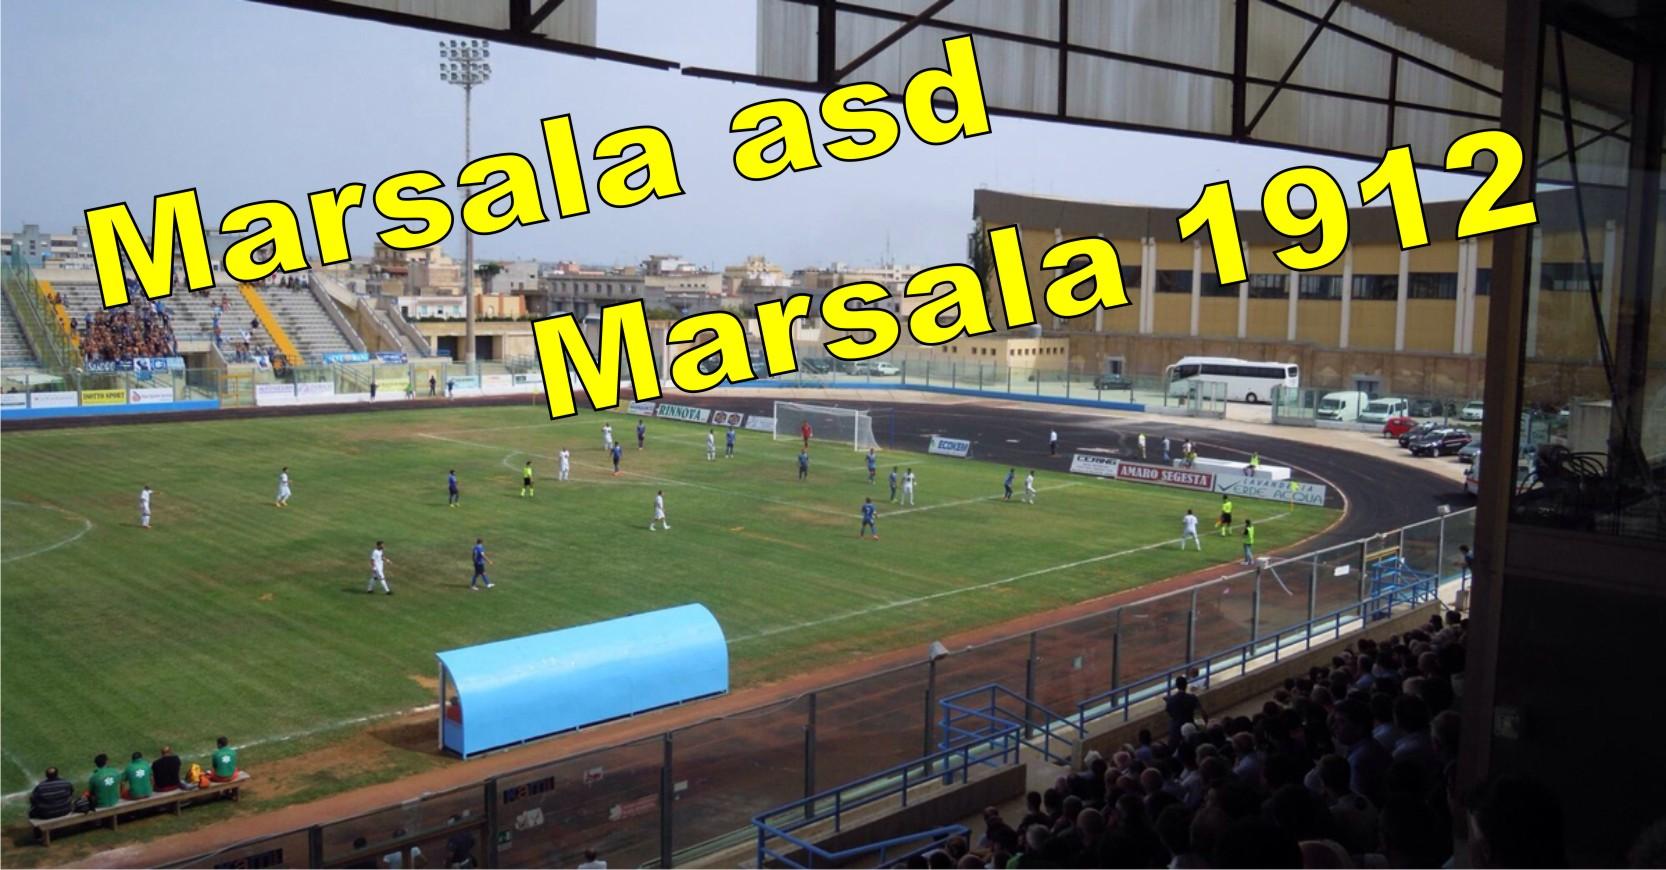 Nasce il Marsala asd, potrebbe sopravvivere il Marsala 1912